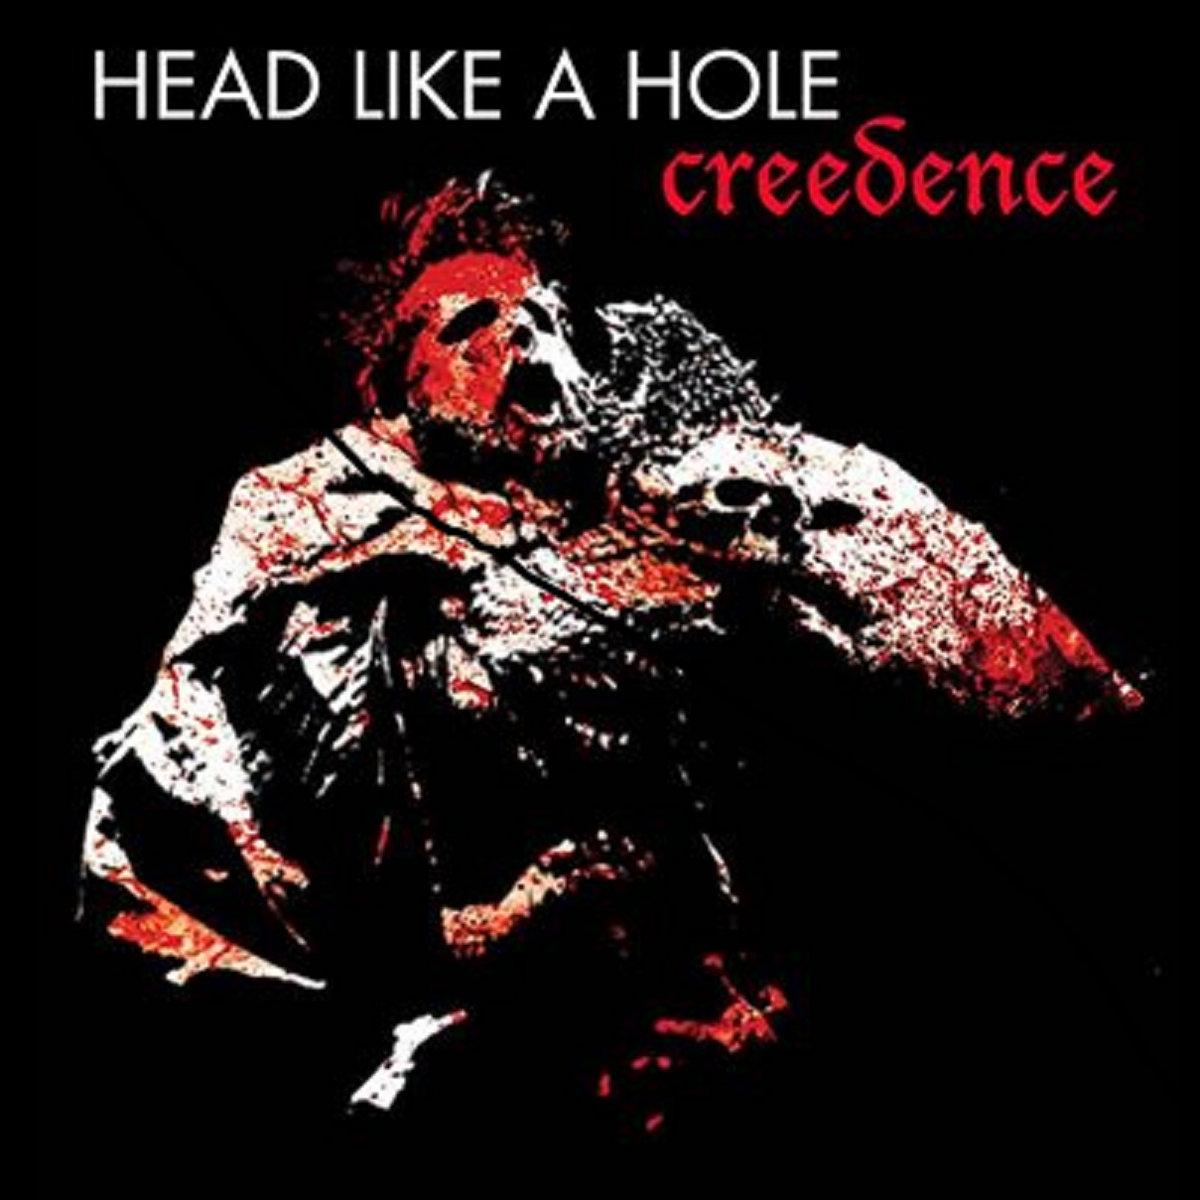 Creedence by Head Like a Hole